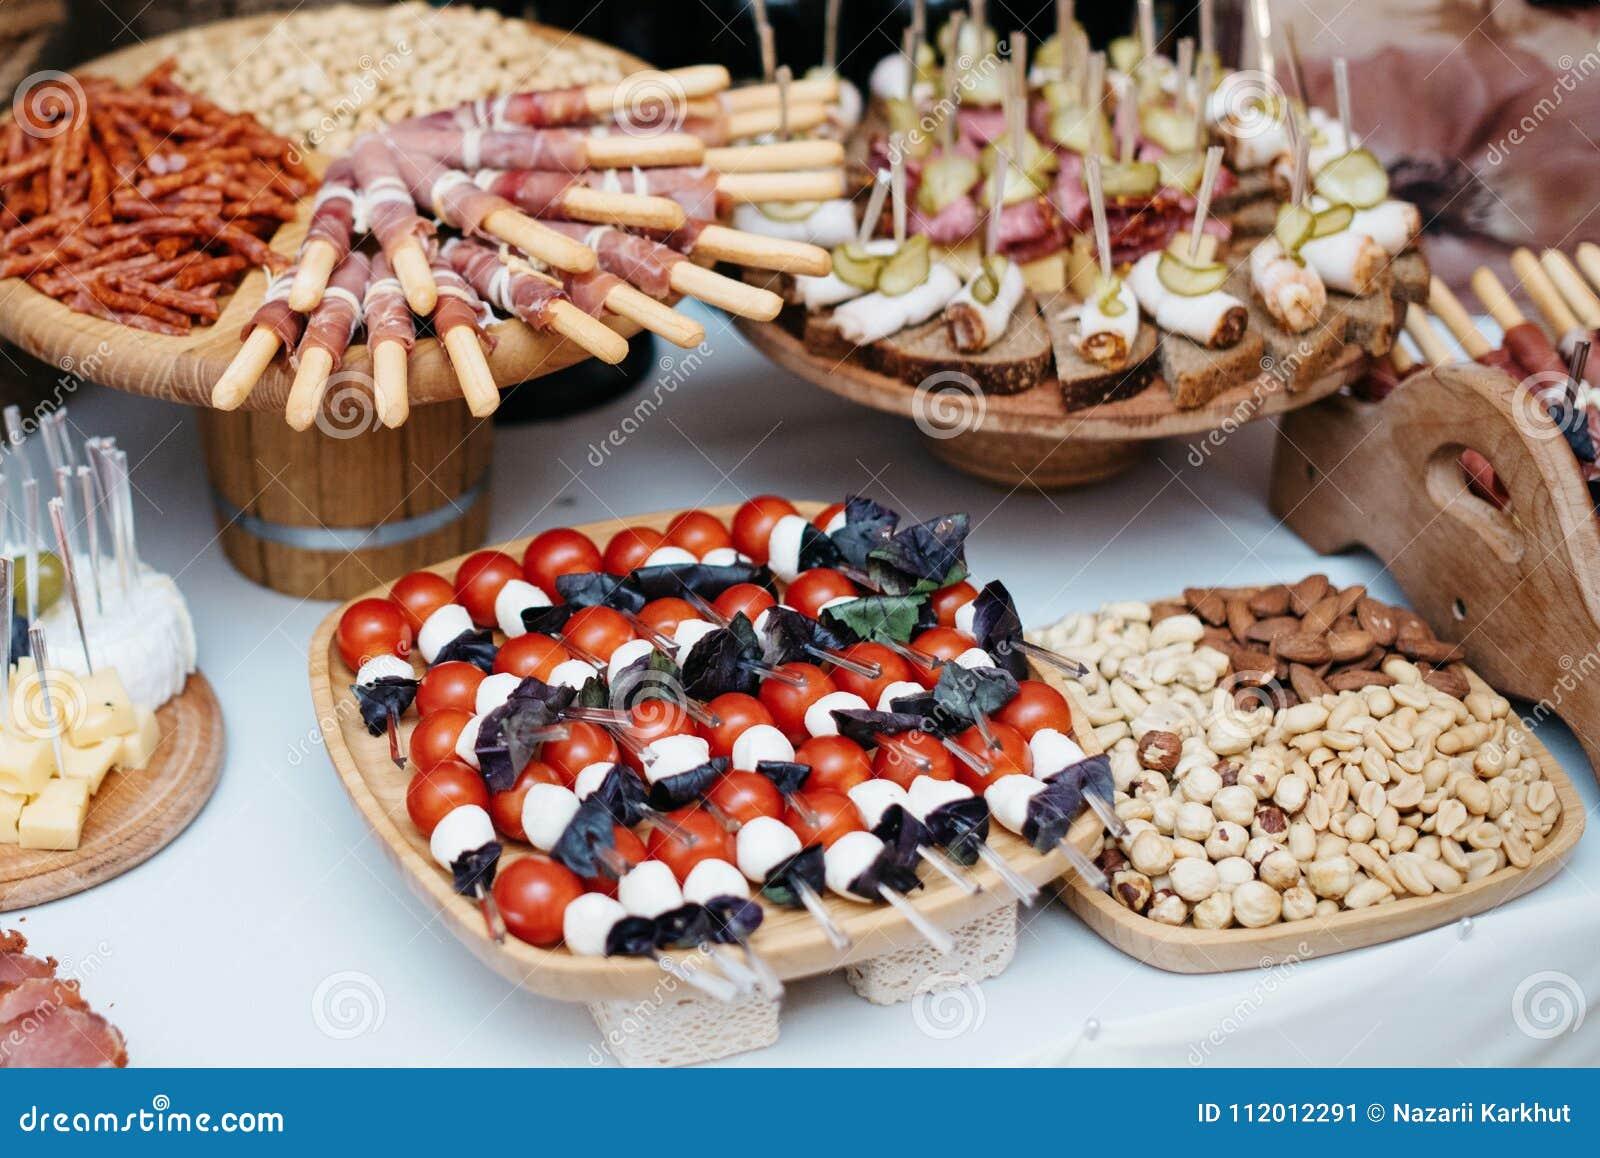 La tabla con la comida barra de los tapas con cocina for Tabla de la barra de la cocina de separacion